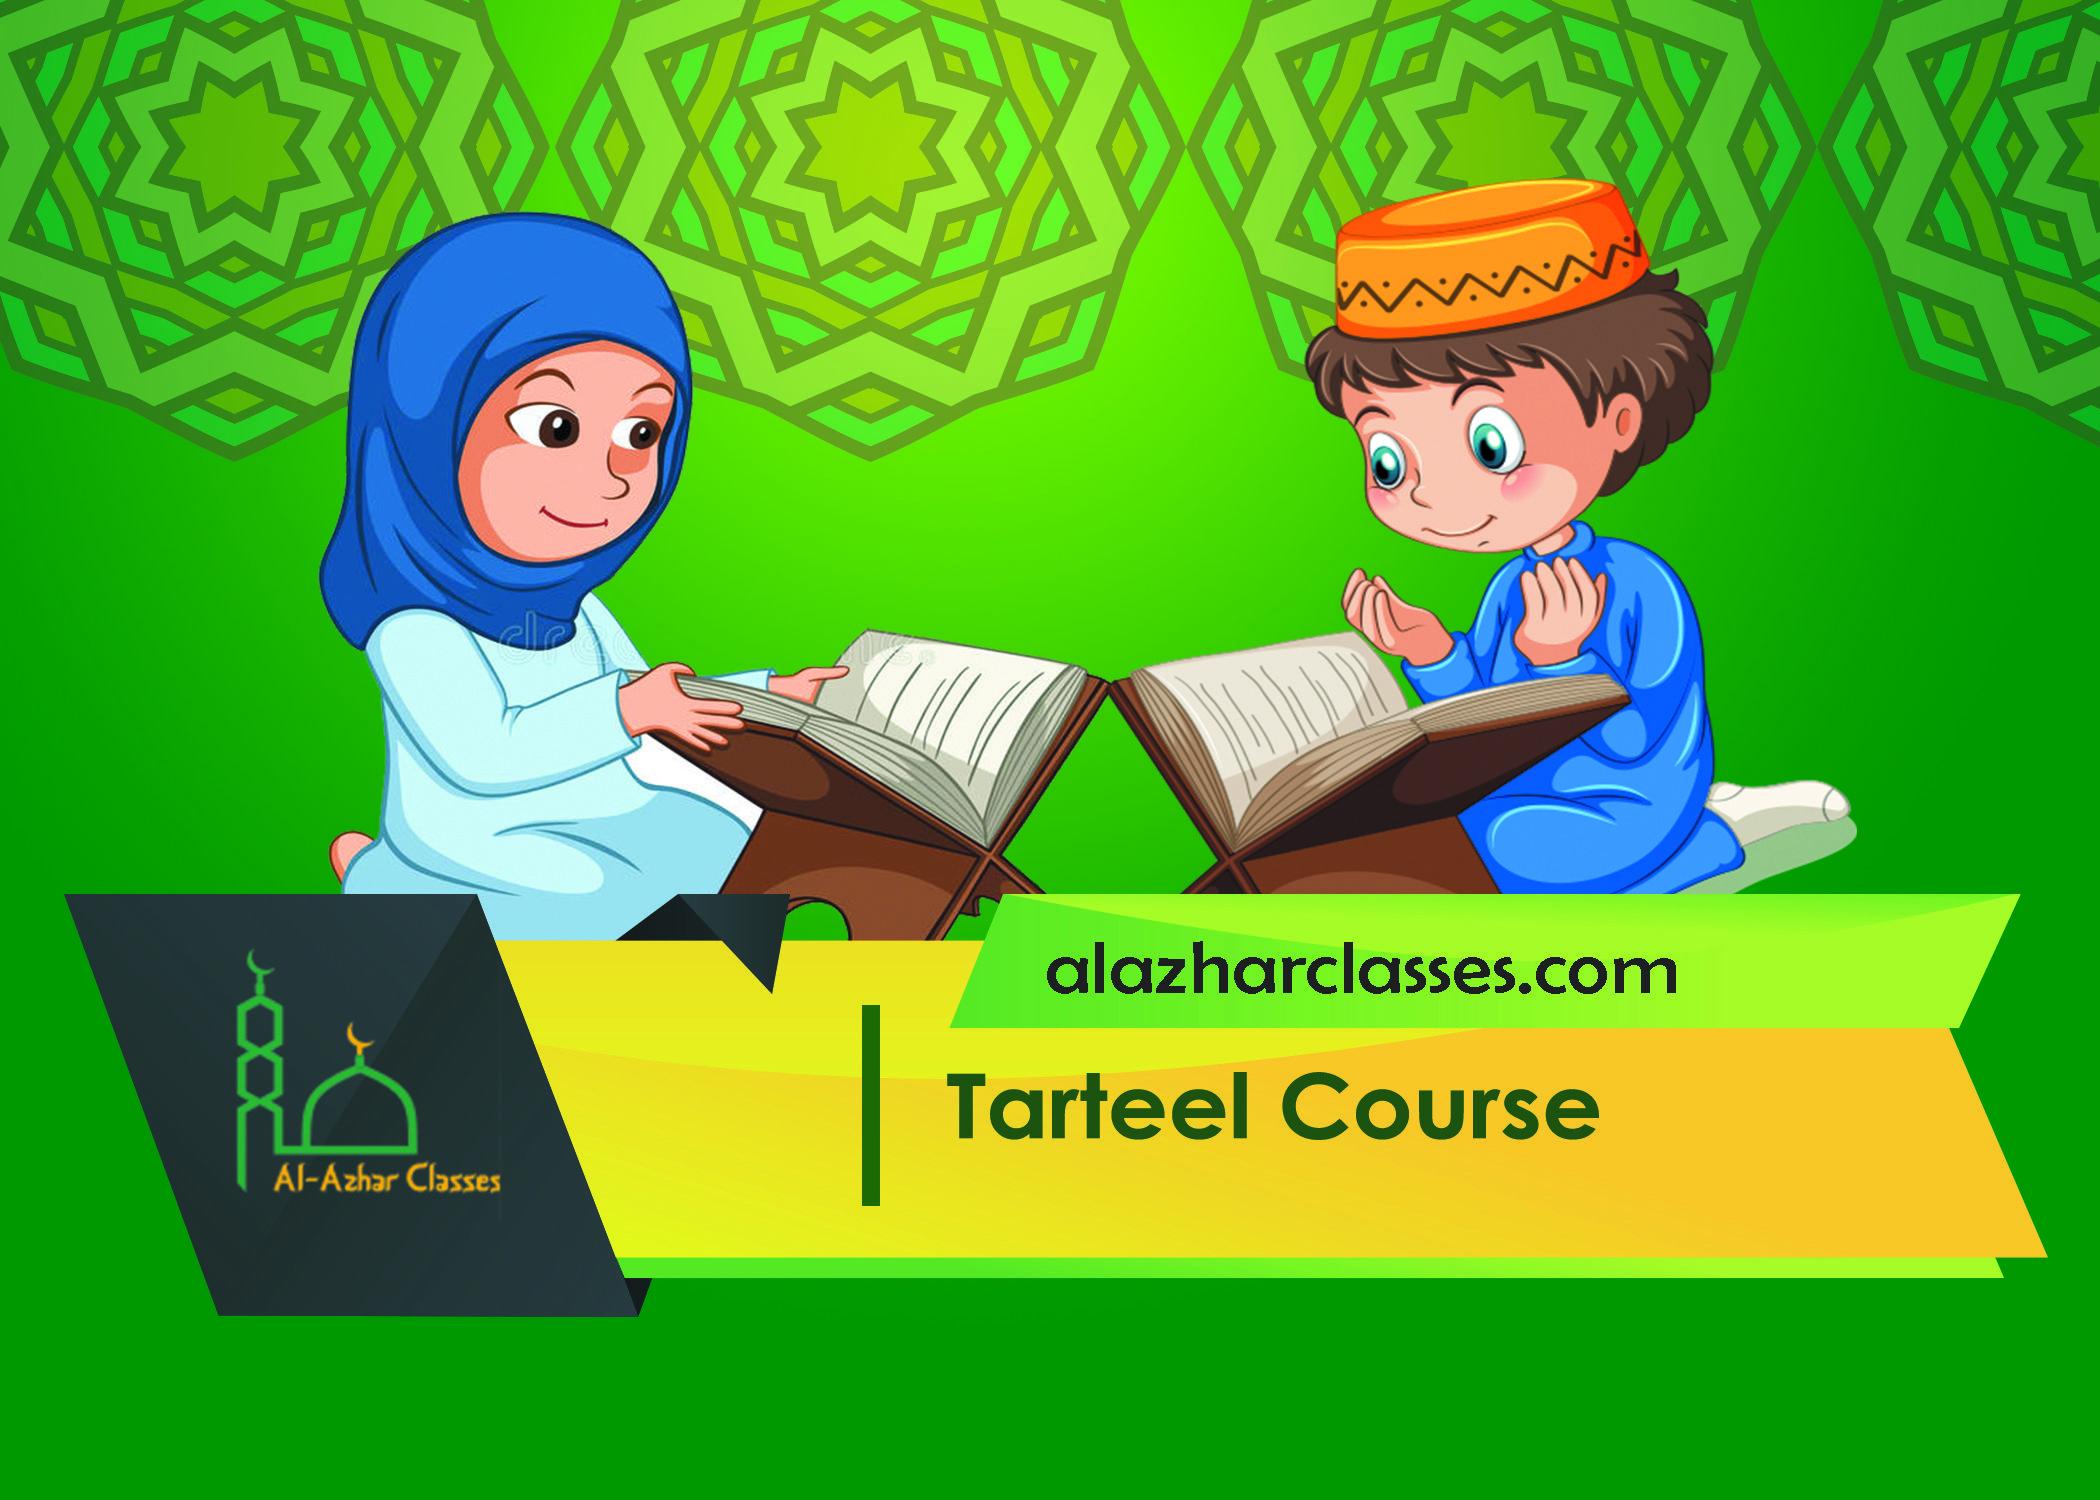 Tarteel Course